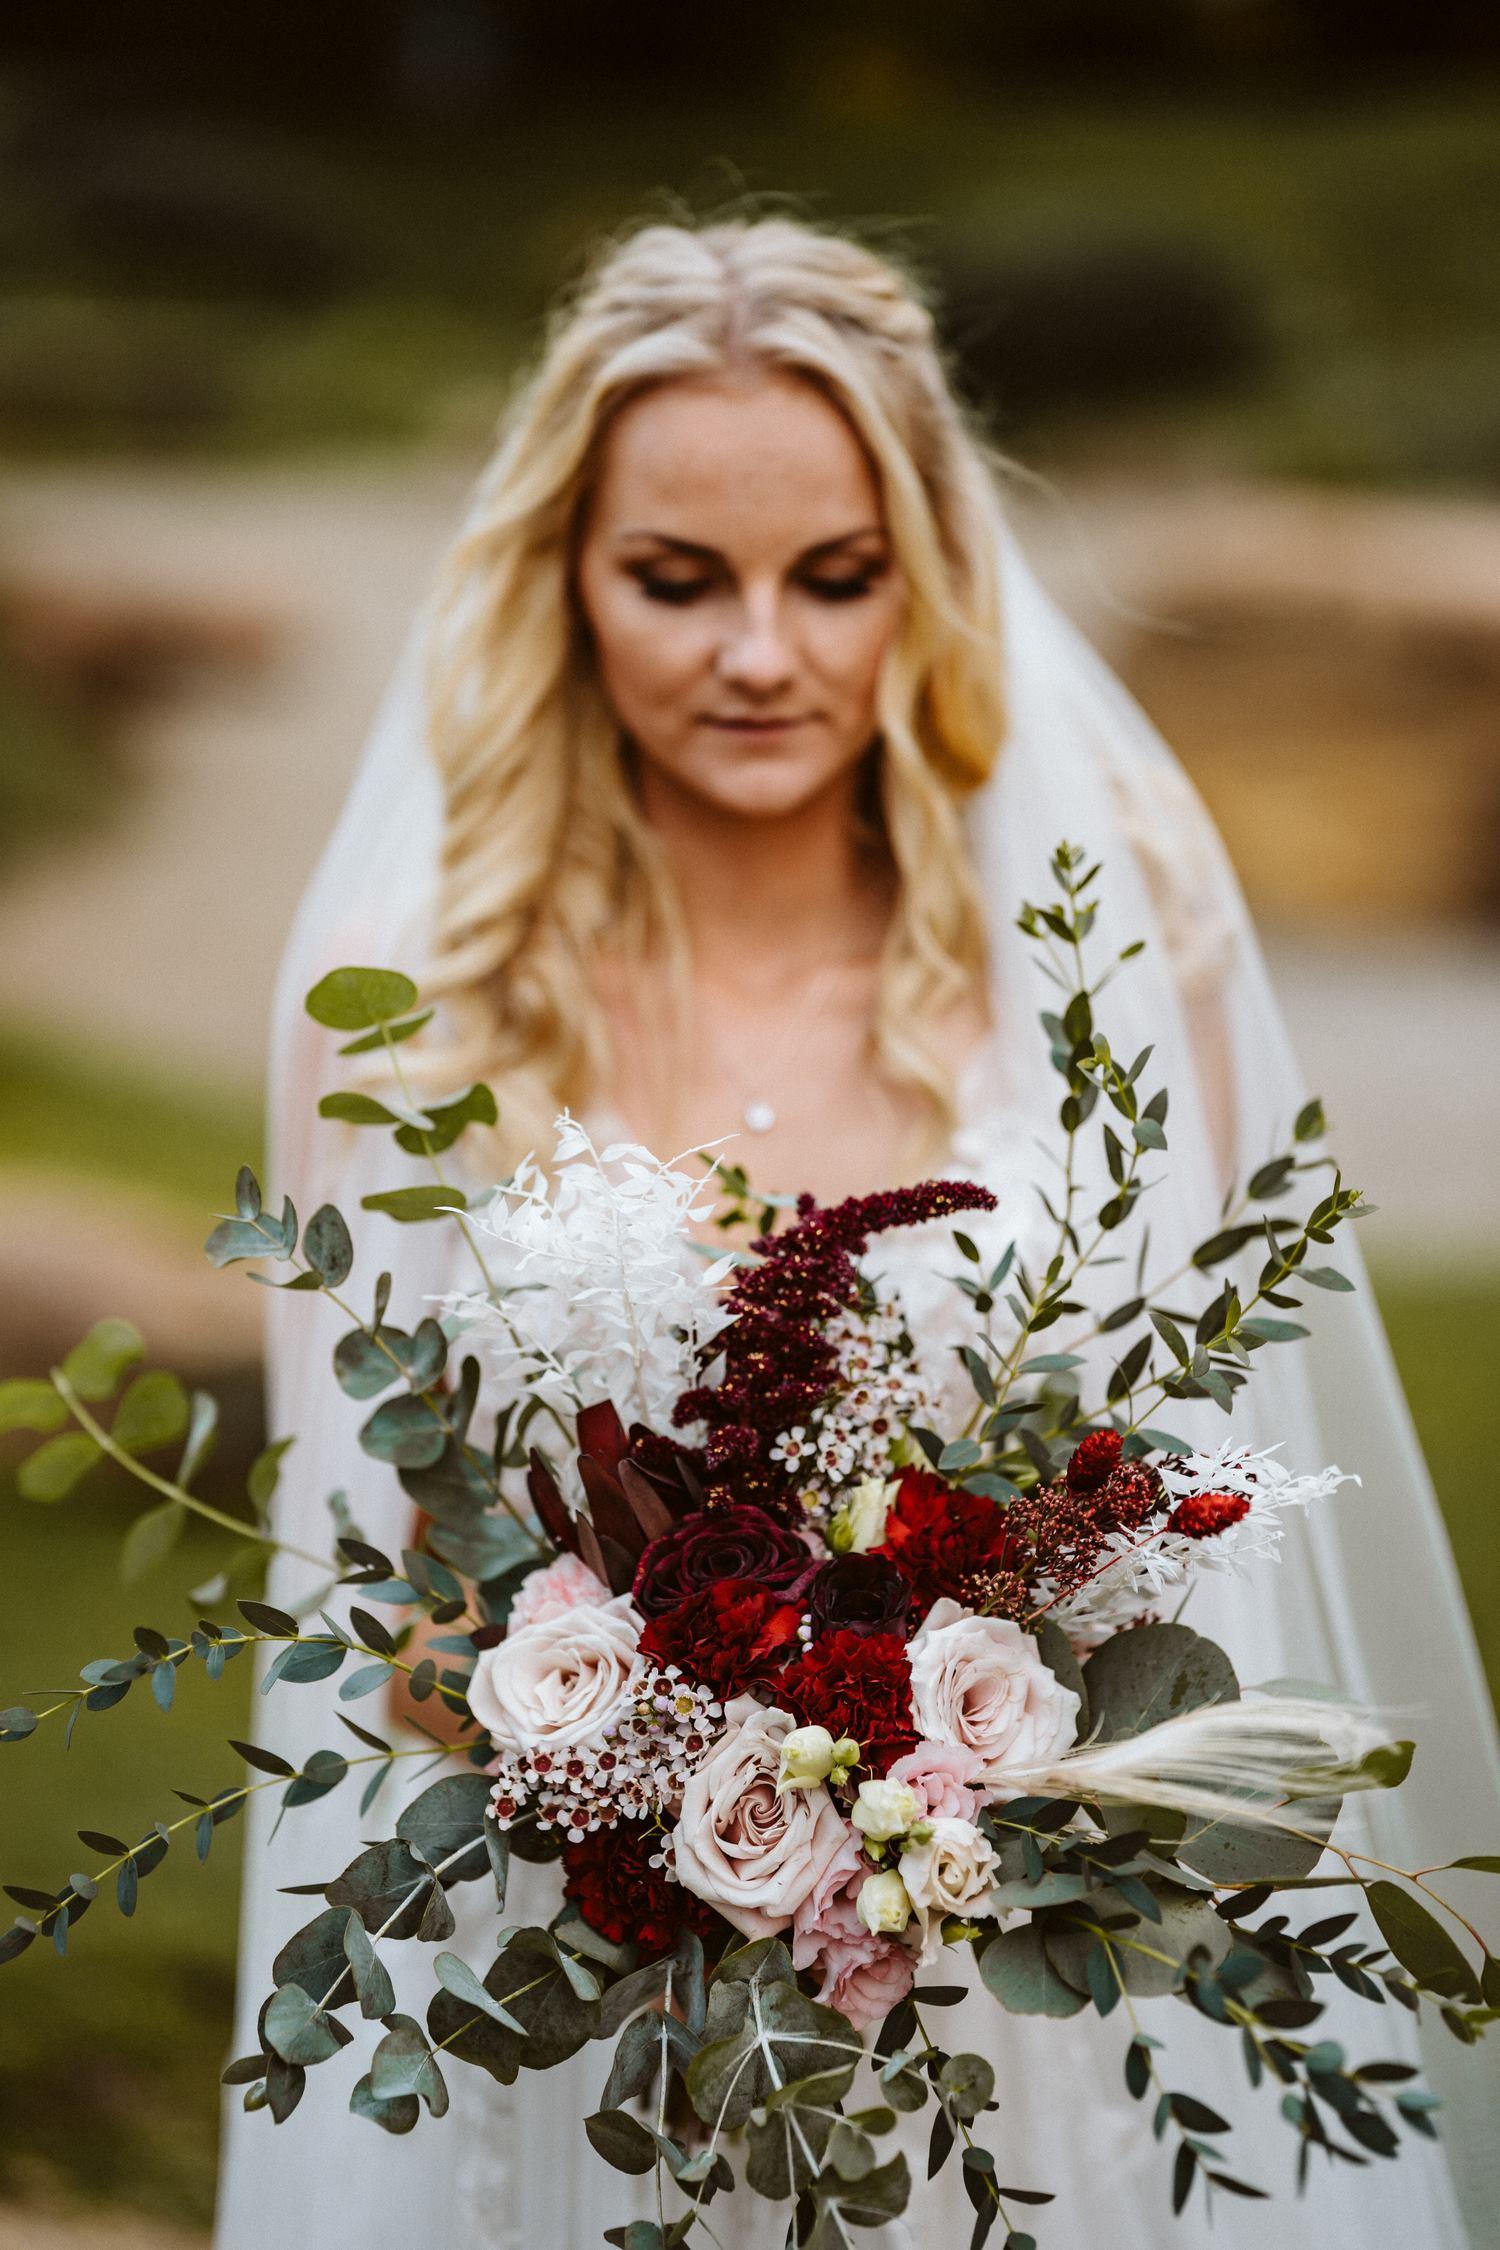 Hochzeitsfotoshooting der Braut – gesehen bei frauimmer-herrewig.de